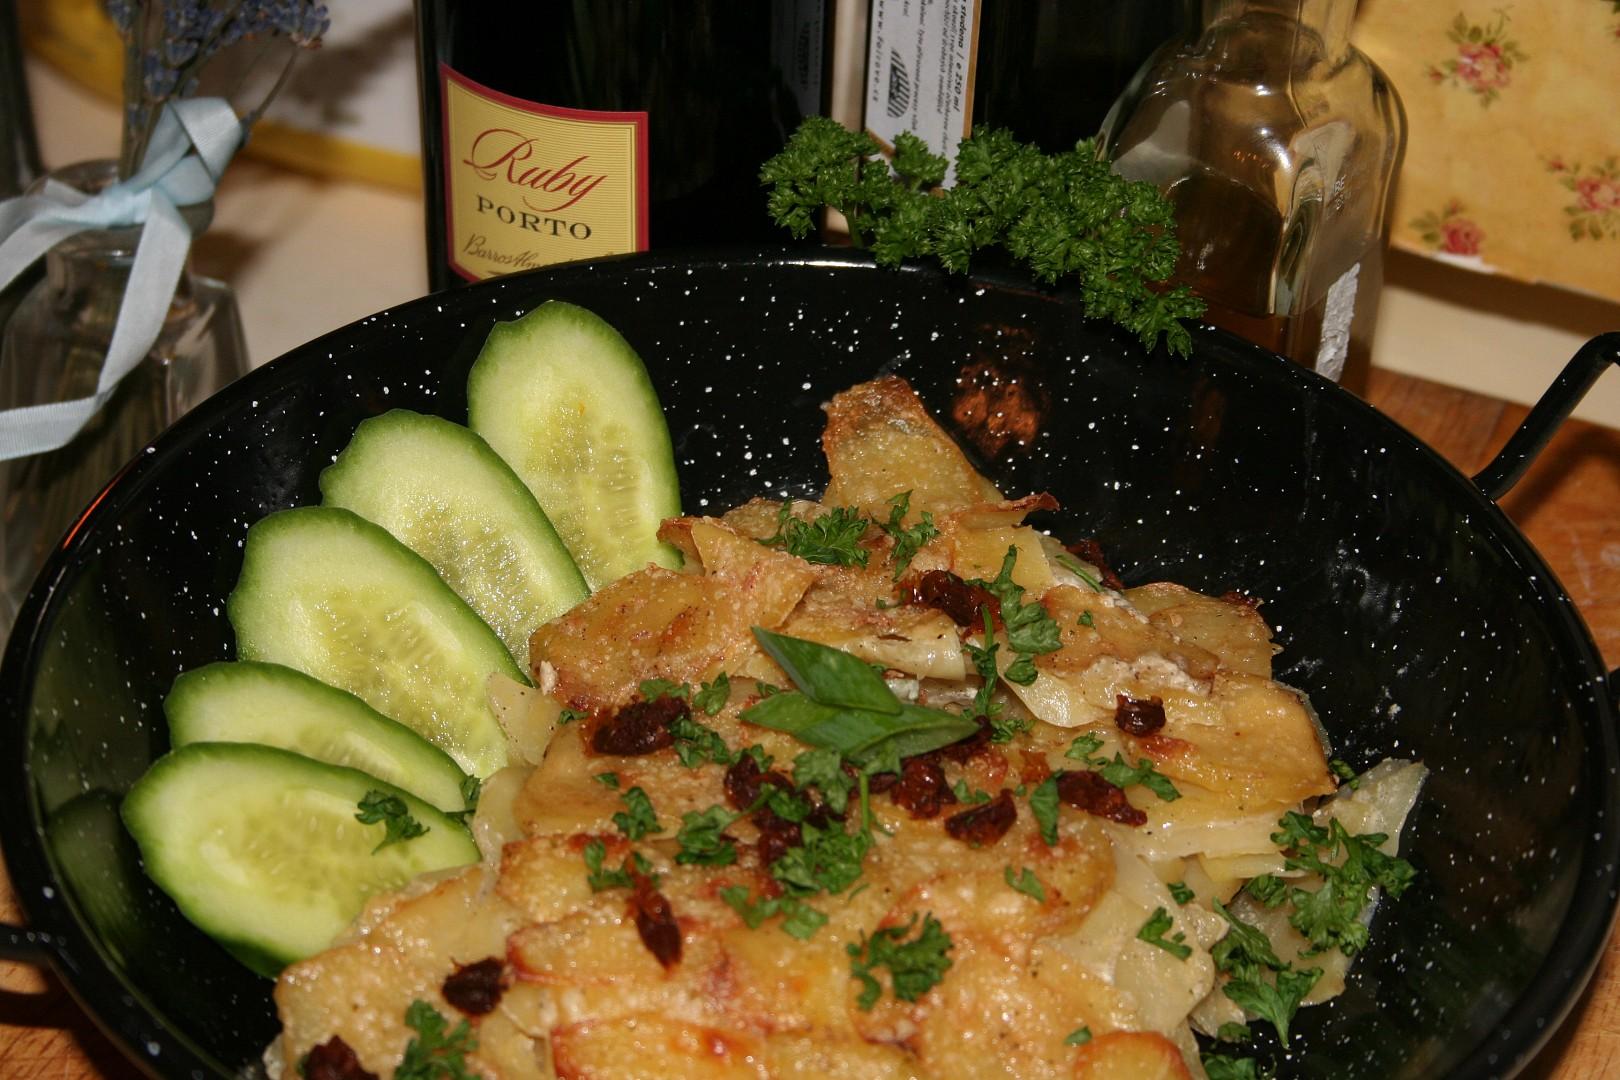 Dauphinois gratinované brambory